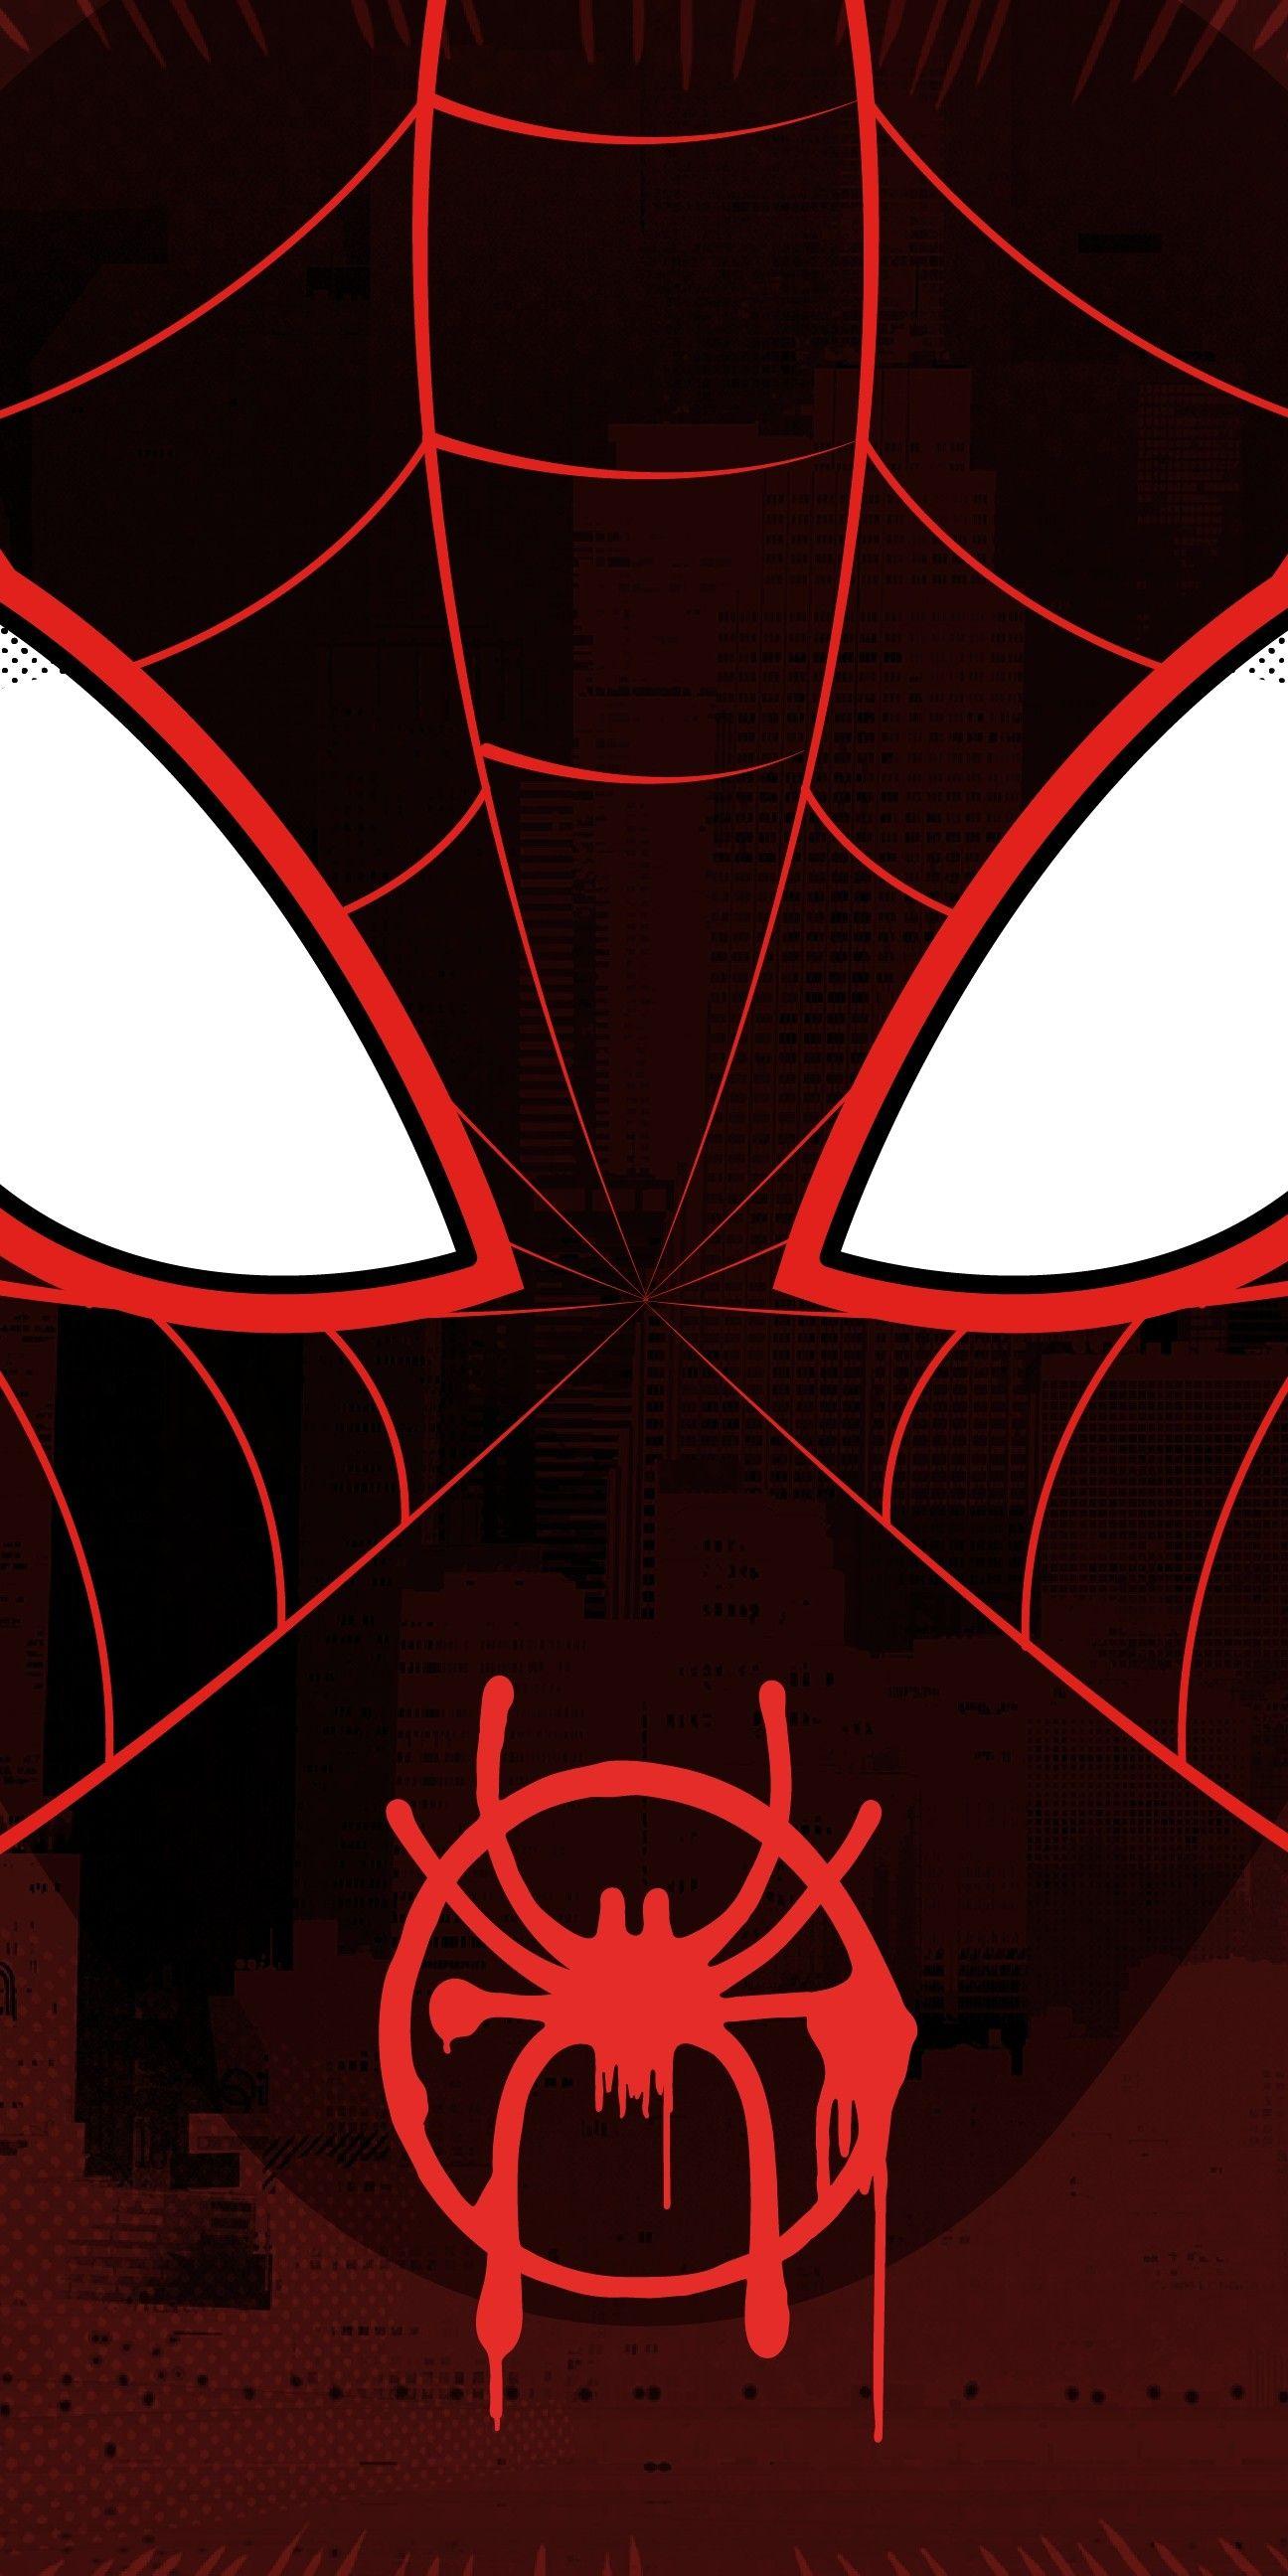 スパイダーマン 壁紙 スパイダーバース の画像 投稿者 純平 佐藤